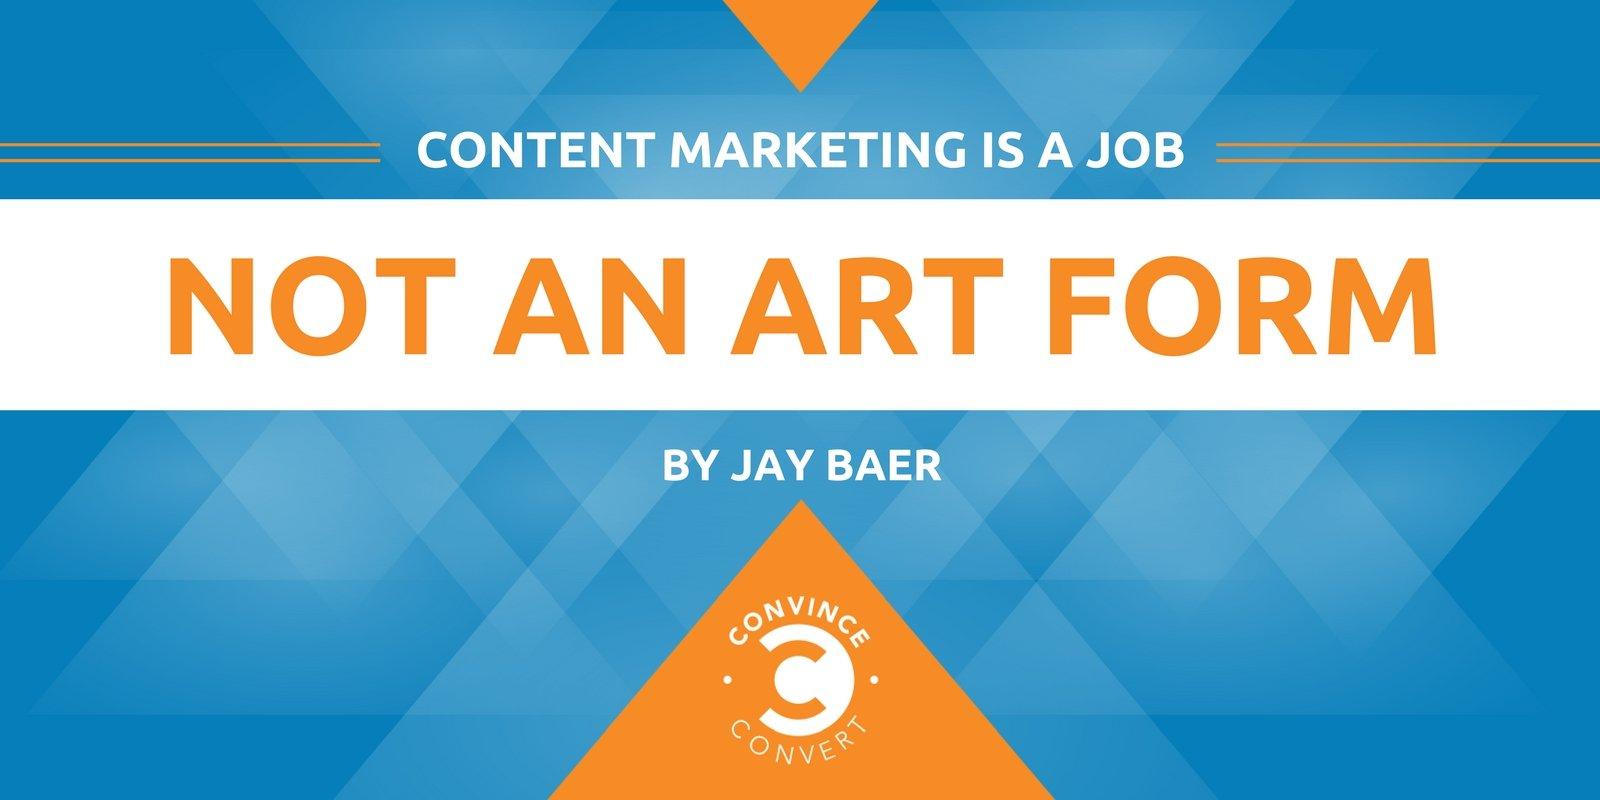 Content Marketing Is a Job, Not an Art Form